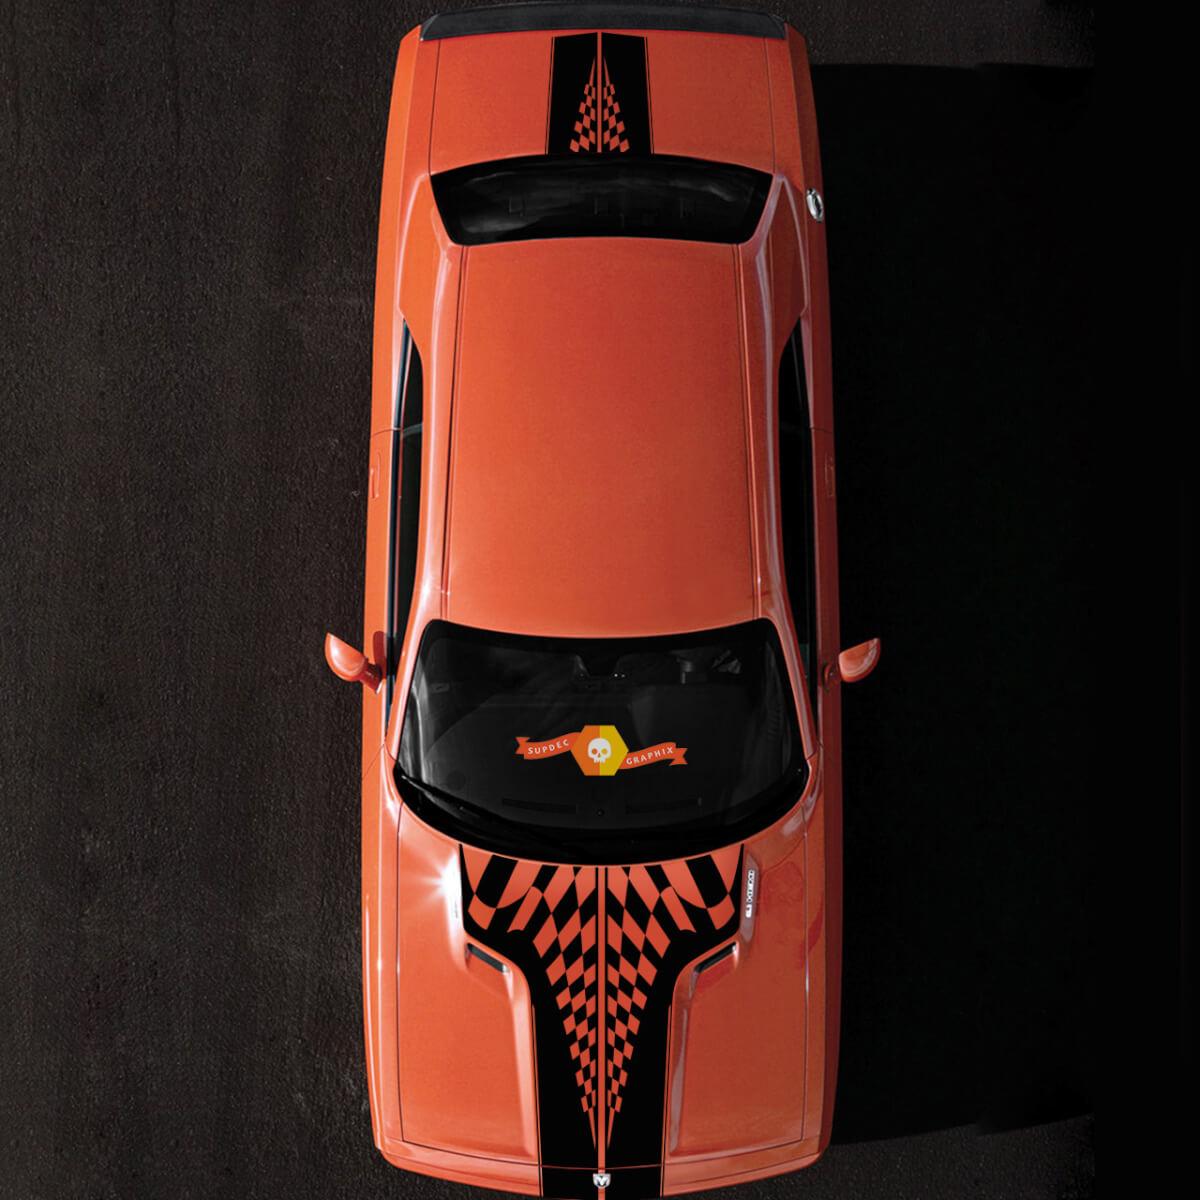 2008-2014 Challenger Race Karierte Flagge Rennhaube & Heck Sport Design Tribal Vehicle Truck Vinyl Grafik Aufkleber Aufkleber